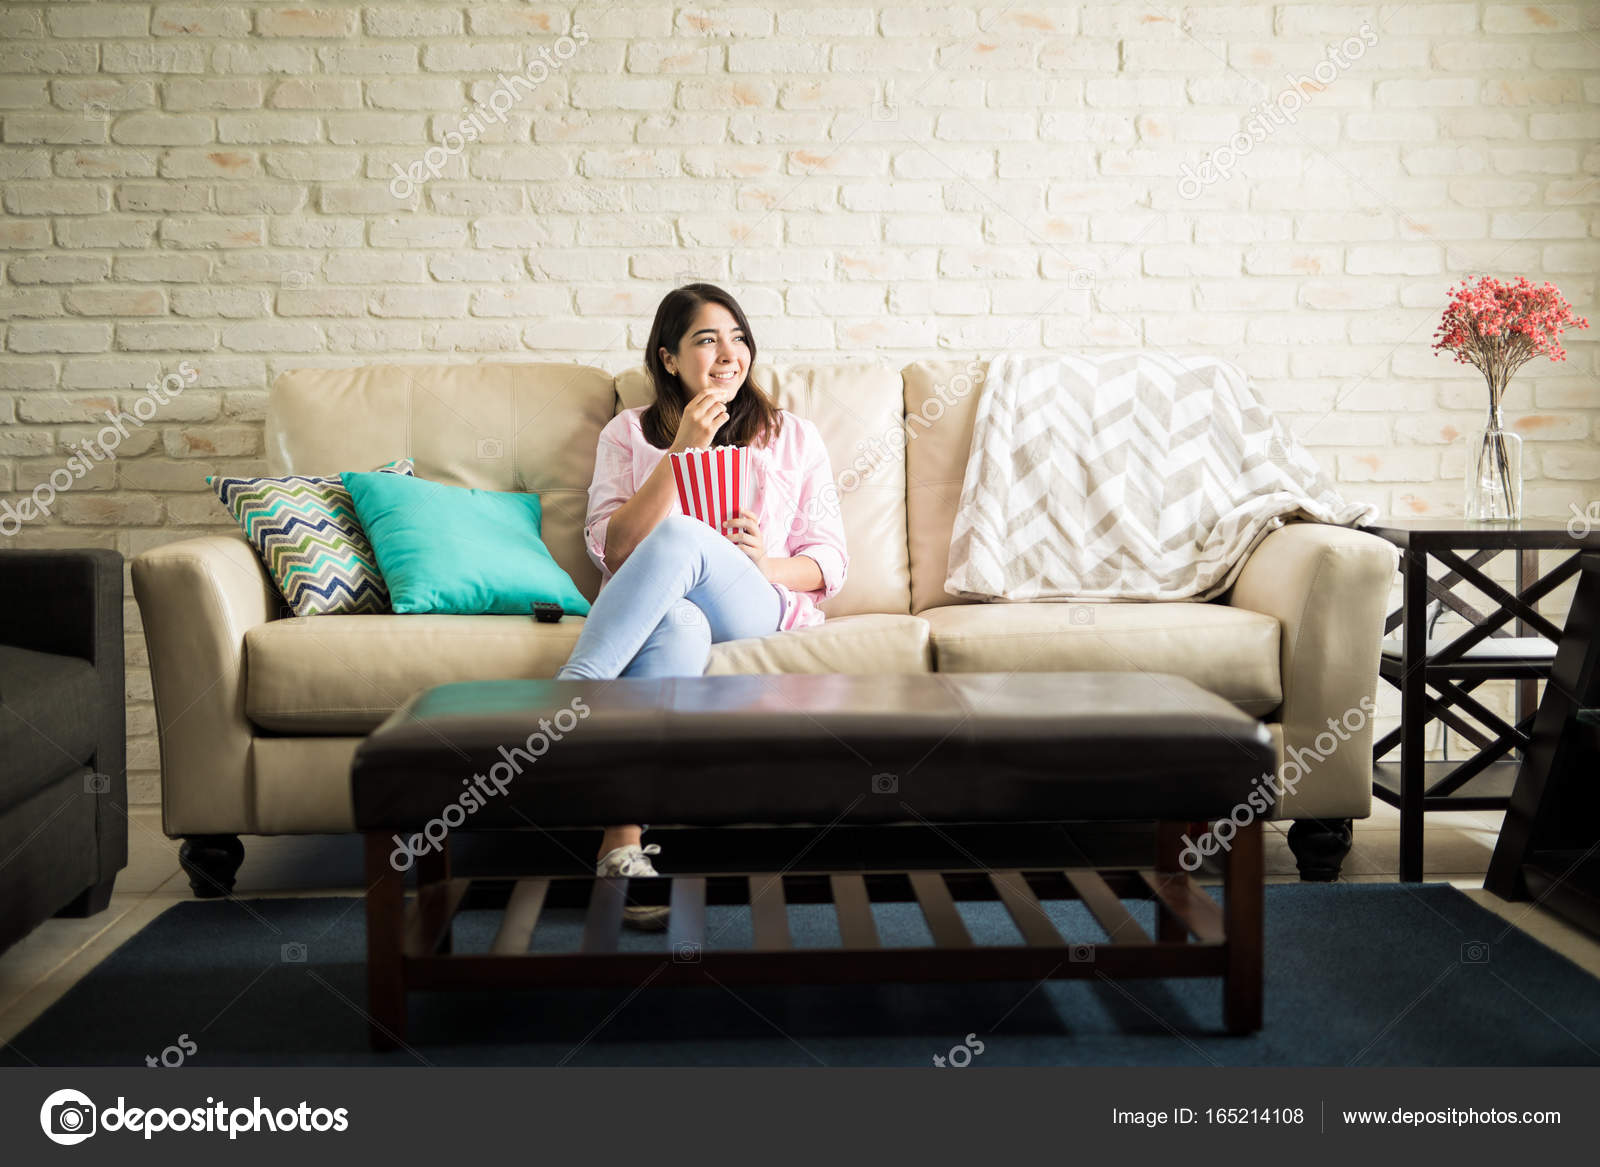 Frau Auf Der Gemütlichen Couch Stockfoto Tonodiaz 165214108